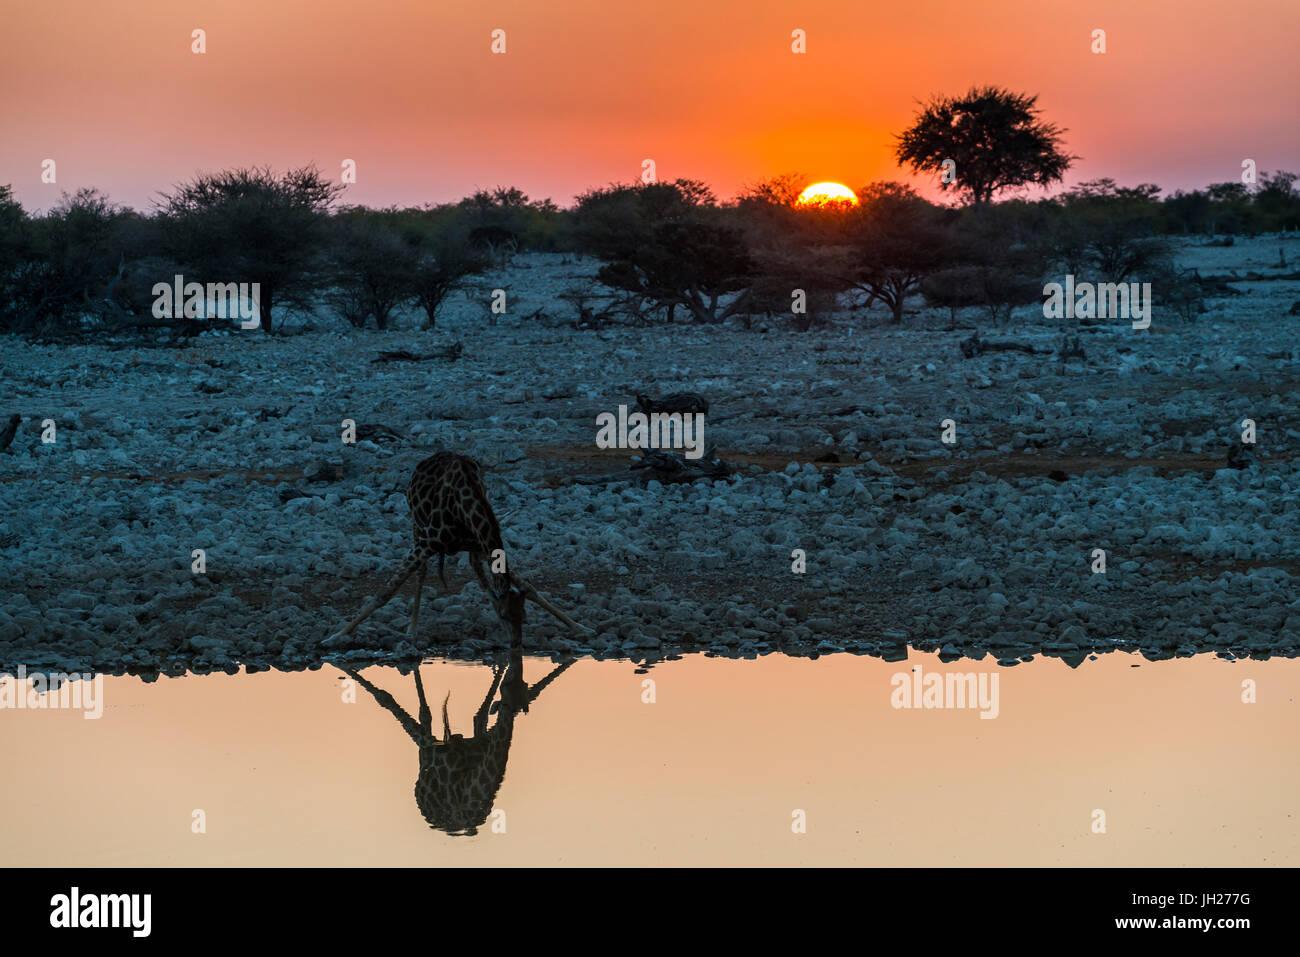 La giraffa riflessa nell'acqua di un fiume, Okaukuejo Rest Camp, il Parco Nazionale di Etosha, Namibia, Africa Immagini Stock